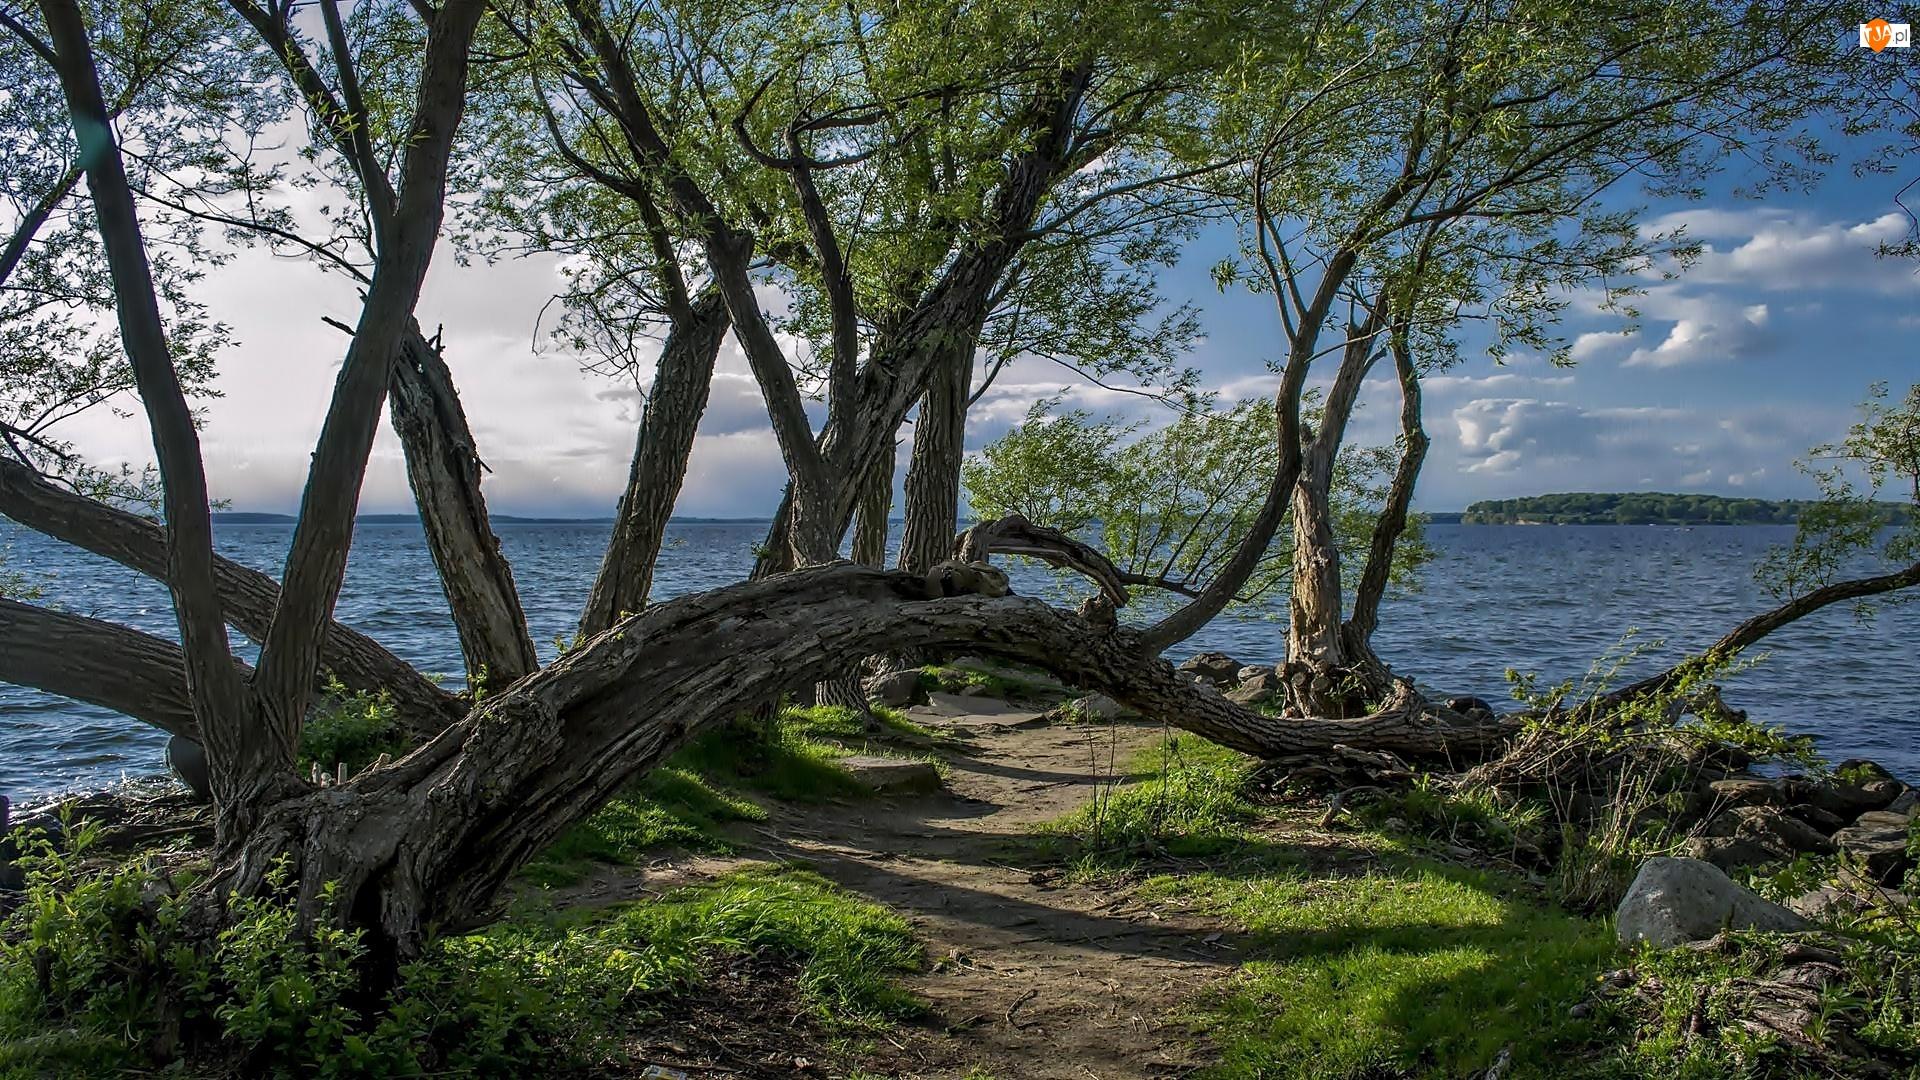 Jezioro, Ścieżka, Pochylone, Drzewa